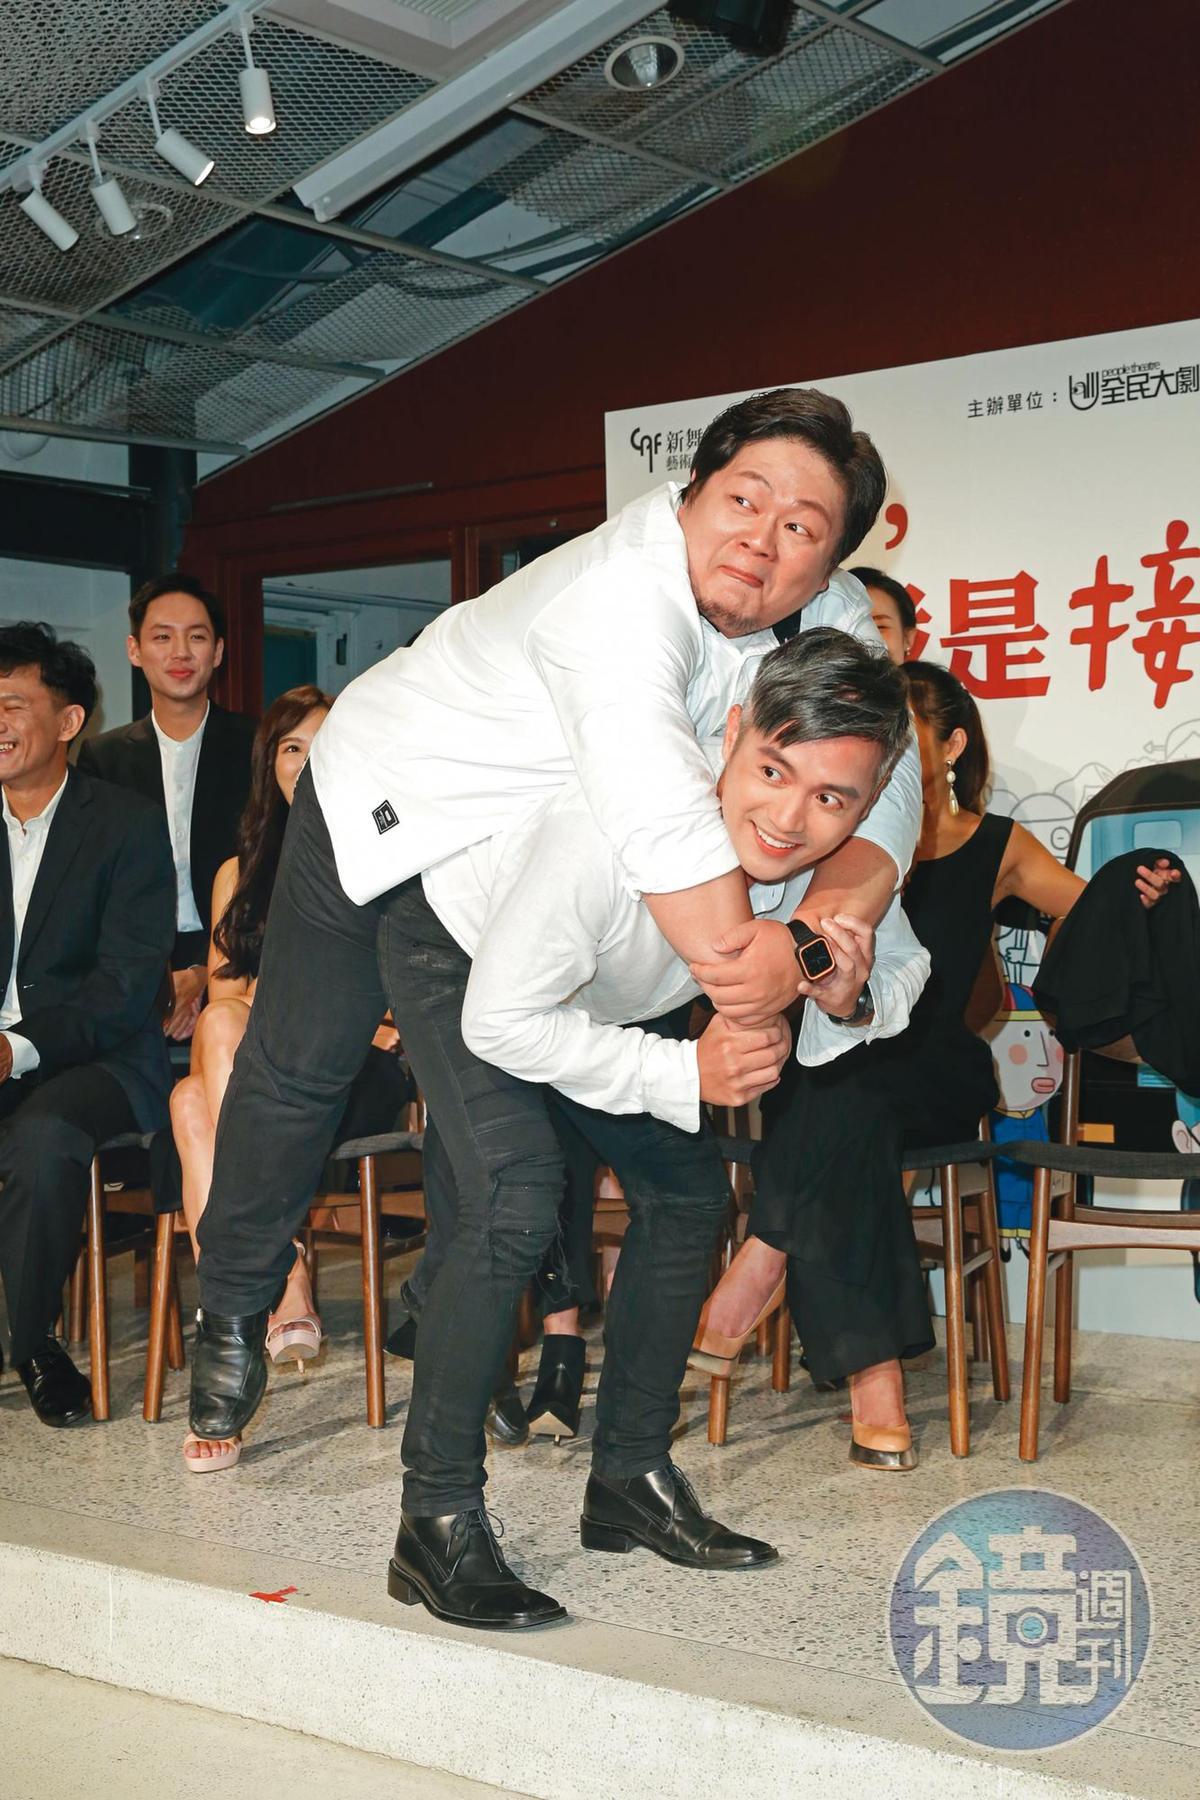 演藝事業再沒大紅的范逸臣,在歌舞劇《你好,我是接體員》中,飾演接體員,並在記者會上模擬扛人的姿勢。